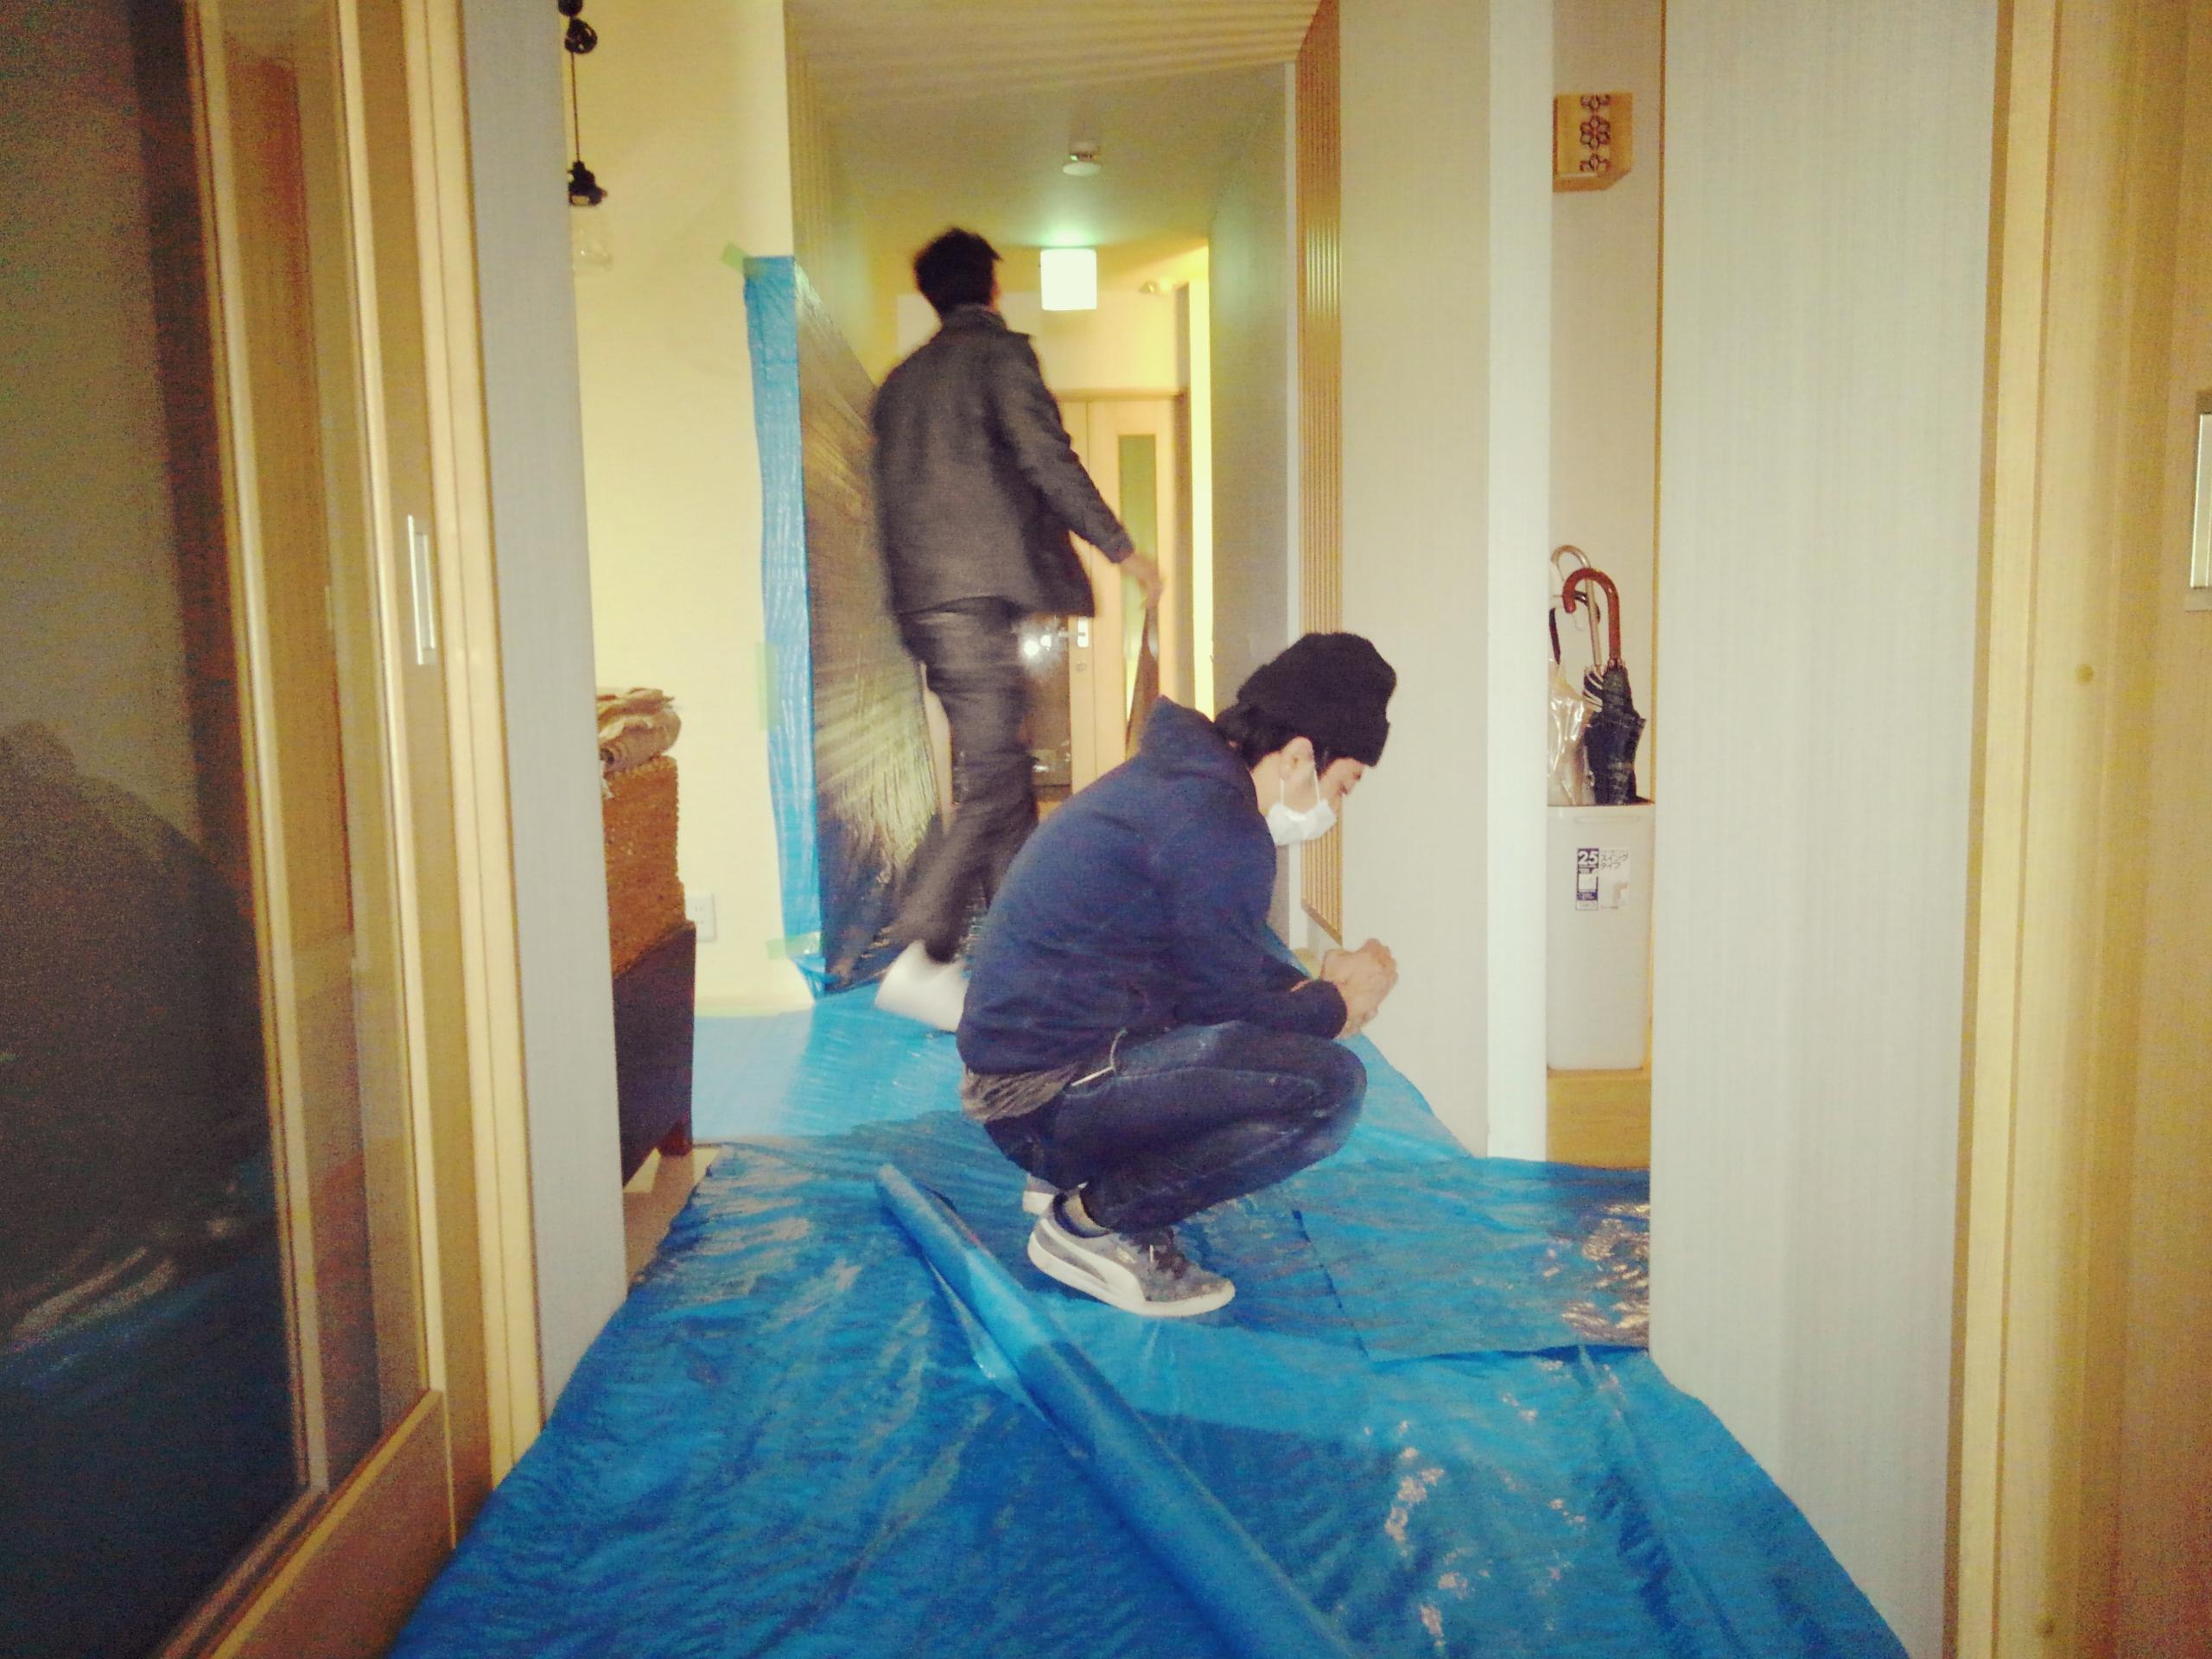 お客様の工事ばかりではありません、昨日からIWAKI STYLE事務所の改装をやって〼;